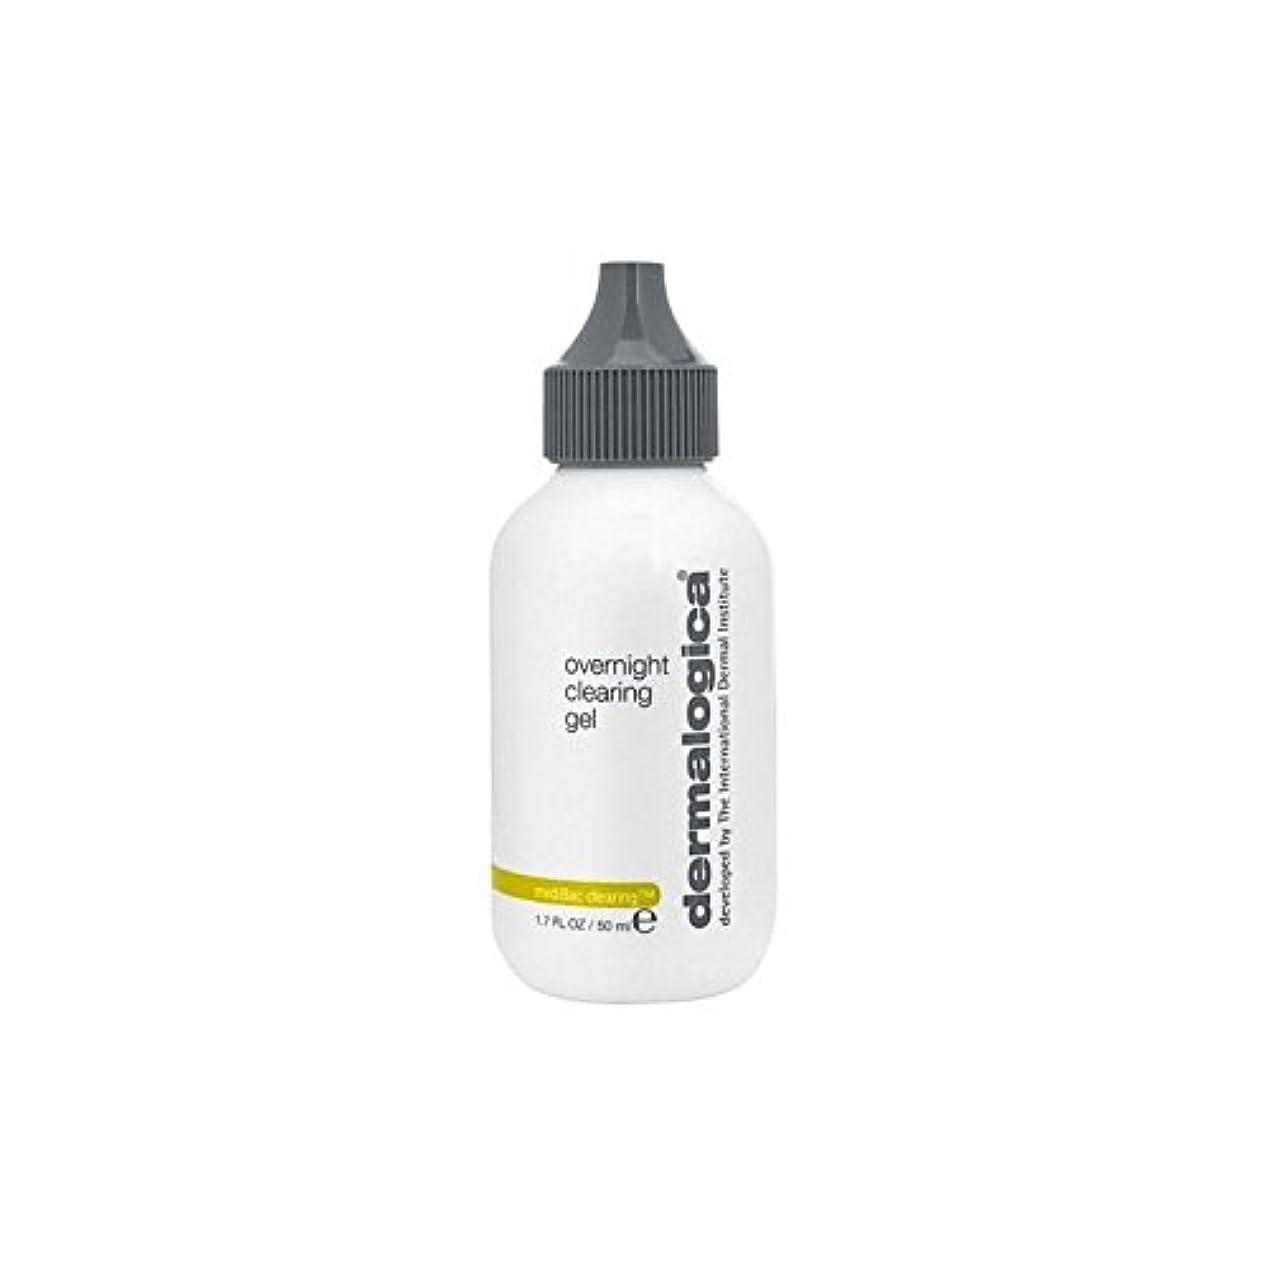 ダーマロジカ一晩透明ゲル(50)中 x4 - Dermalogica Medibac Overnight Clearing Gel (50ml) (Pack of 4) [並行輸入品]